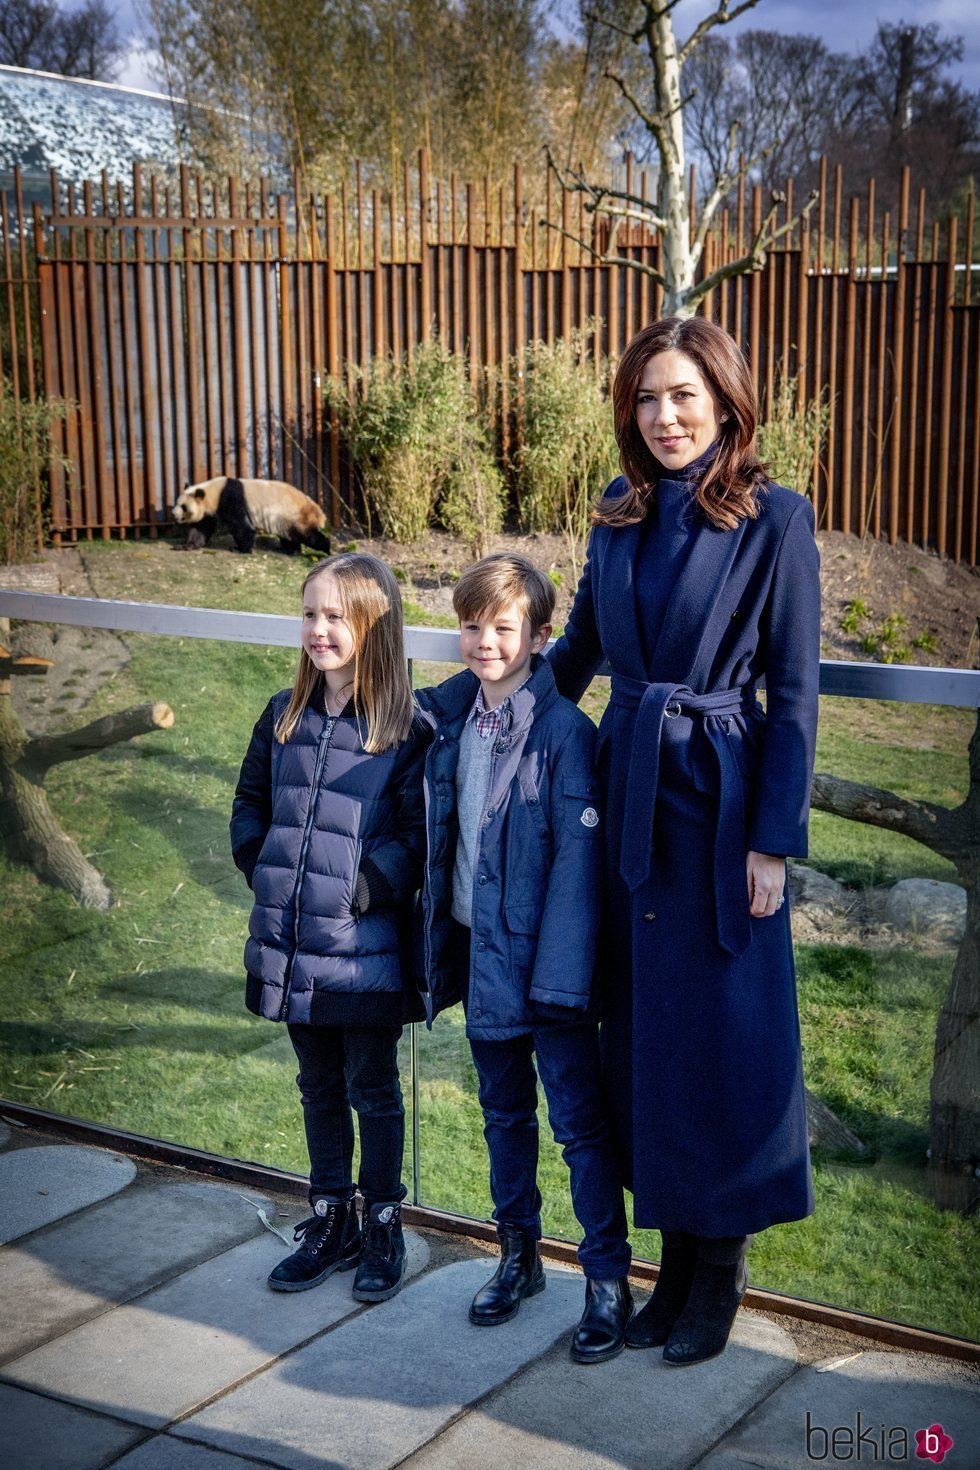 Mary de Dinamarca y sus hijos los Príncipes Vicente y Josefina en el Zoo de Copenhague